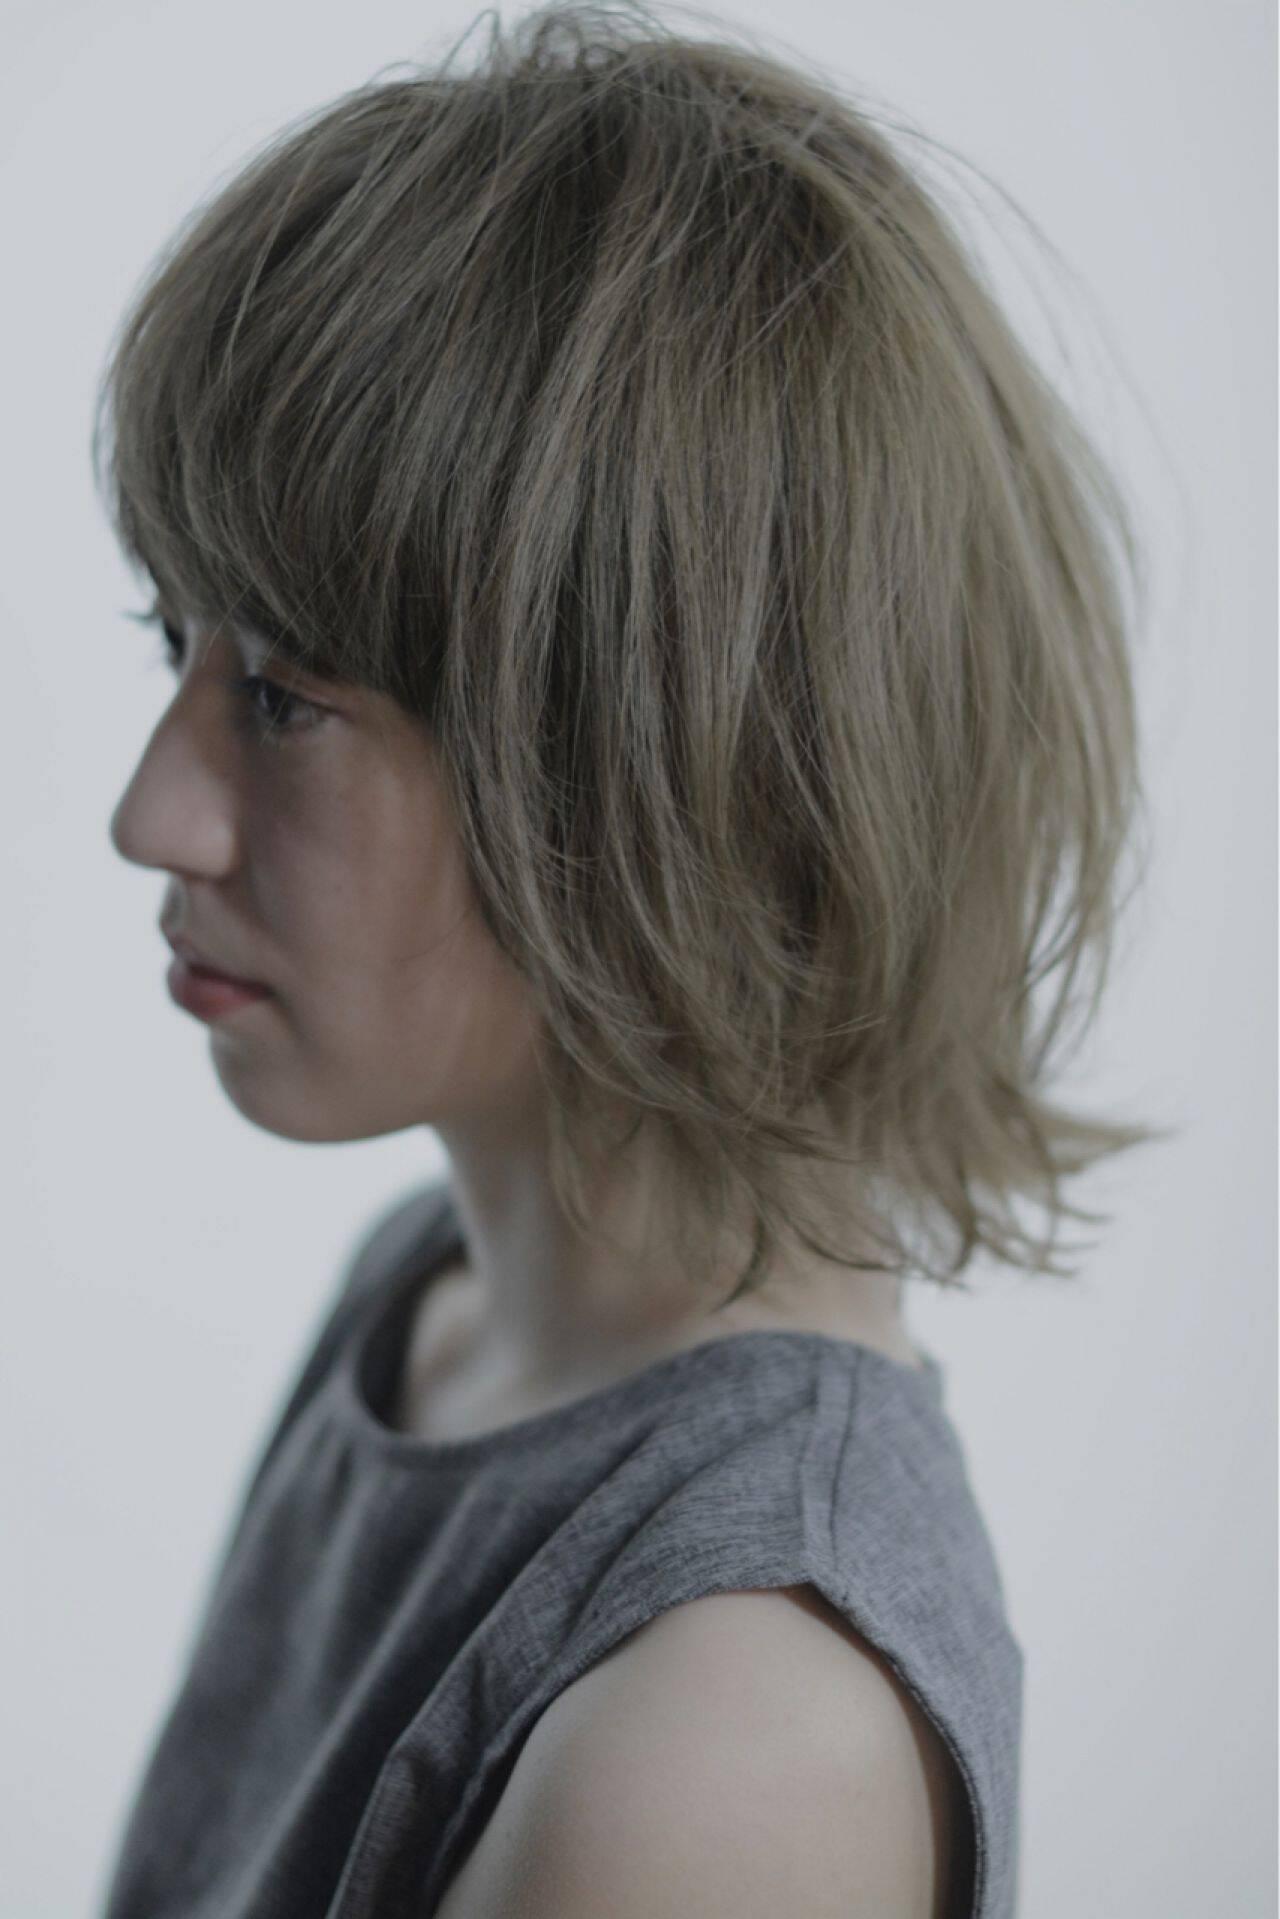 モード ボブ 抜け感 ウルフカットヘアスタイルや髪型の写真・画像